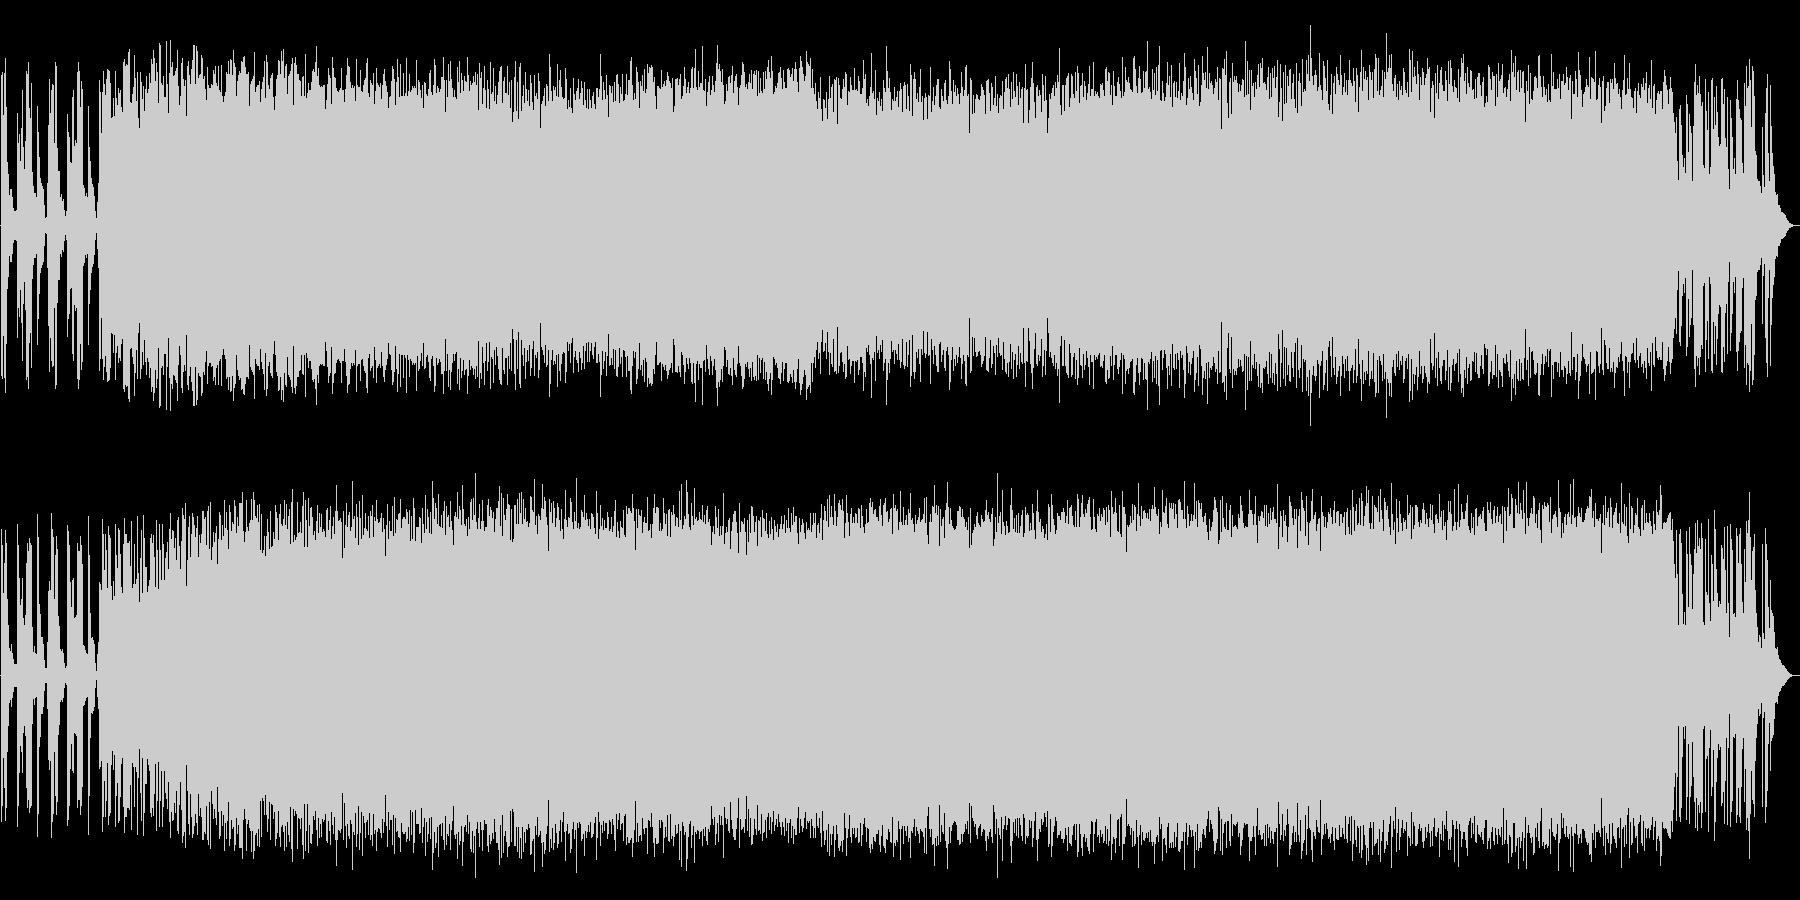 和太鼓を使ったアシッドテクノの未再生の波形